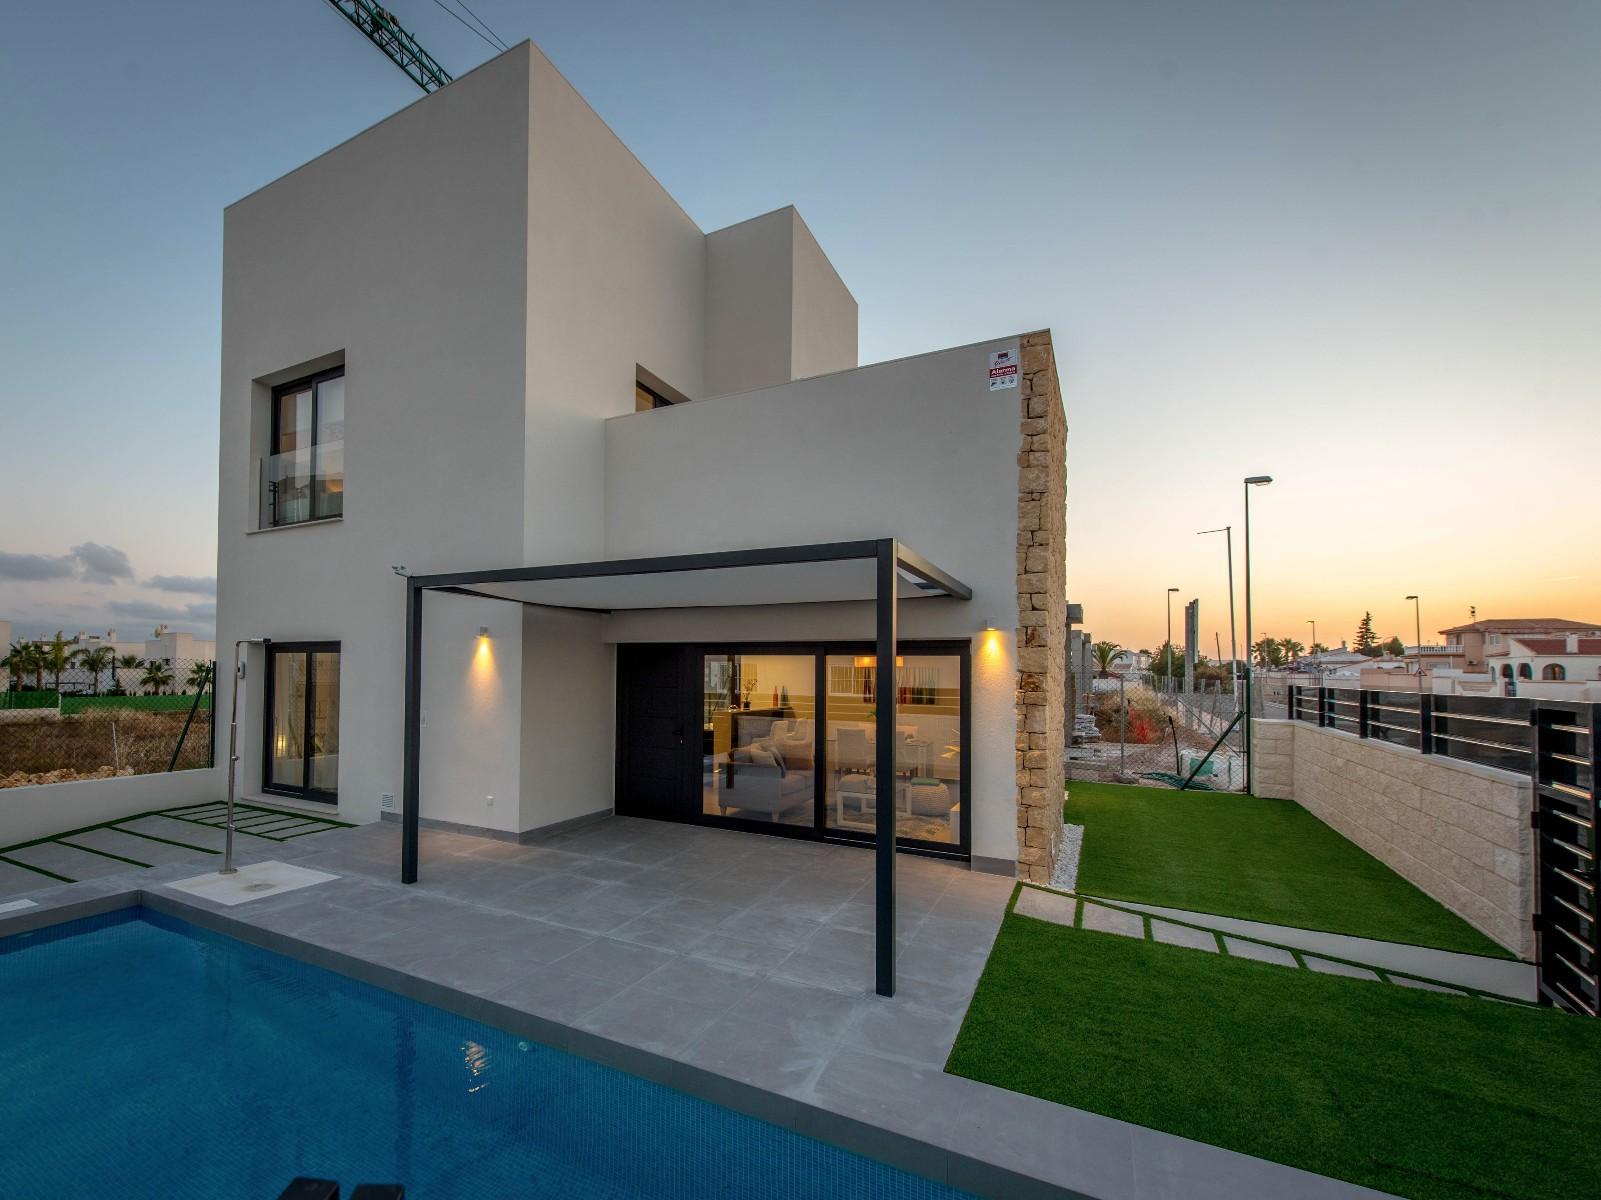 Luxury single family villas in Nexus Grupo